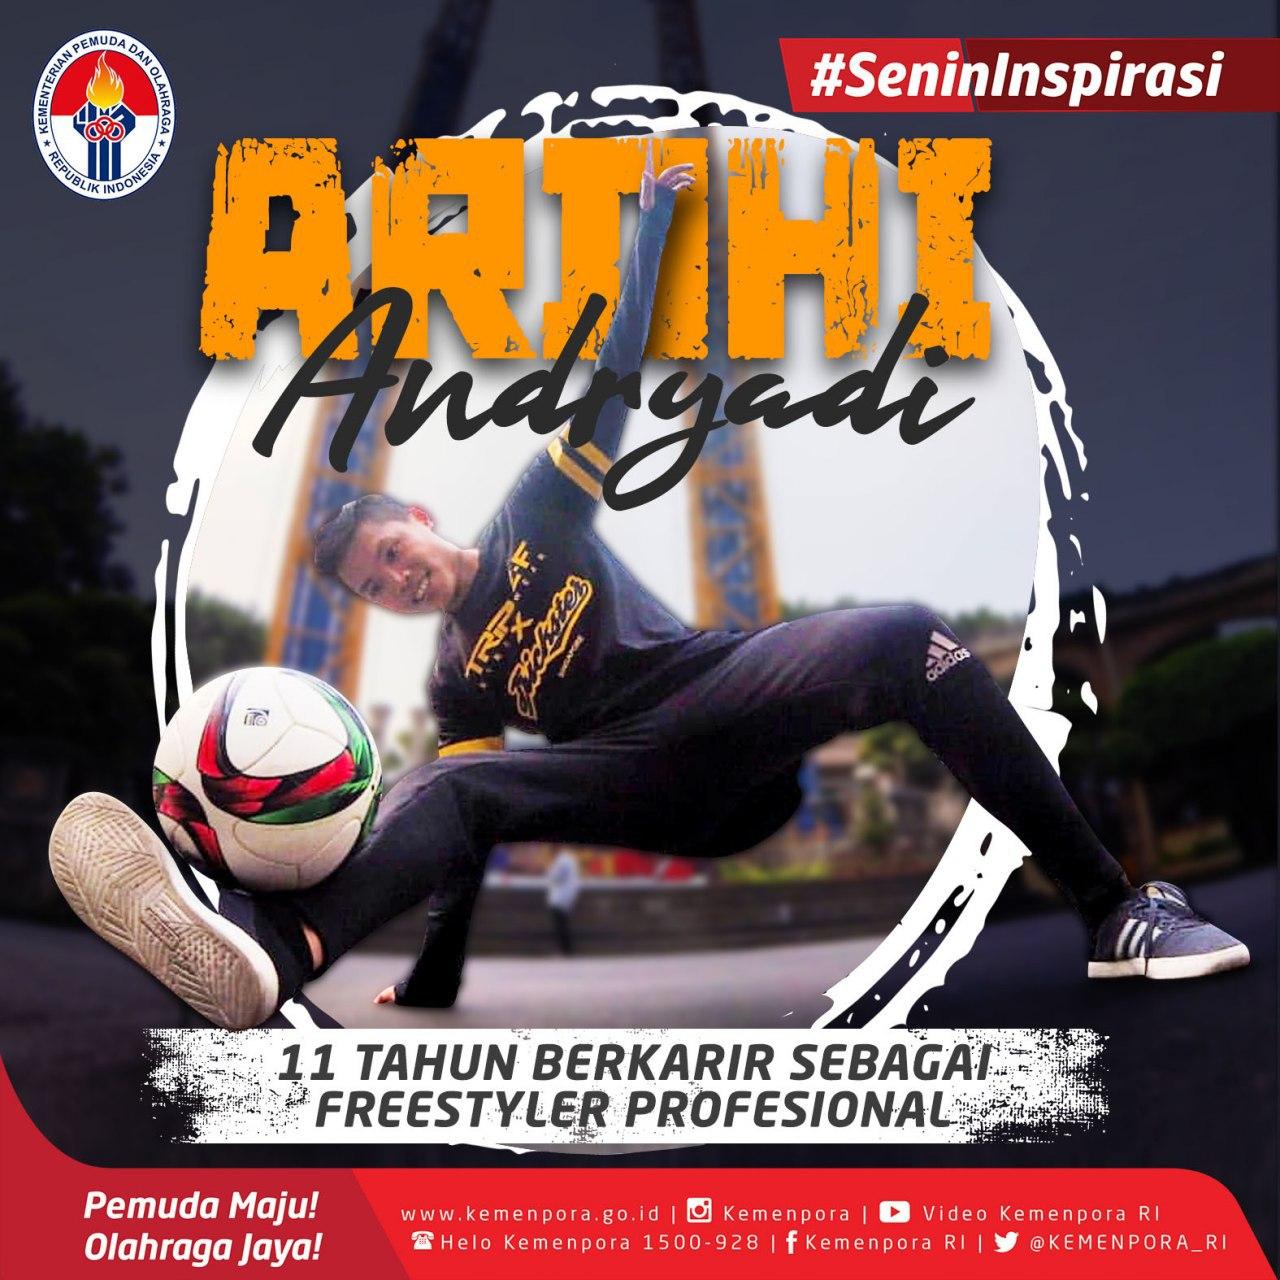 Menengok Ambisi dan Mimpi Freestyler Muda Indonesia Ardhi Andryadi Jadi Juara Dunia